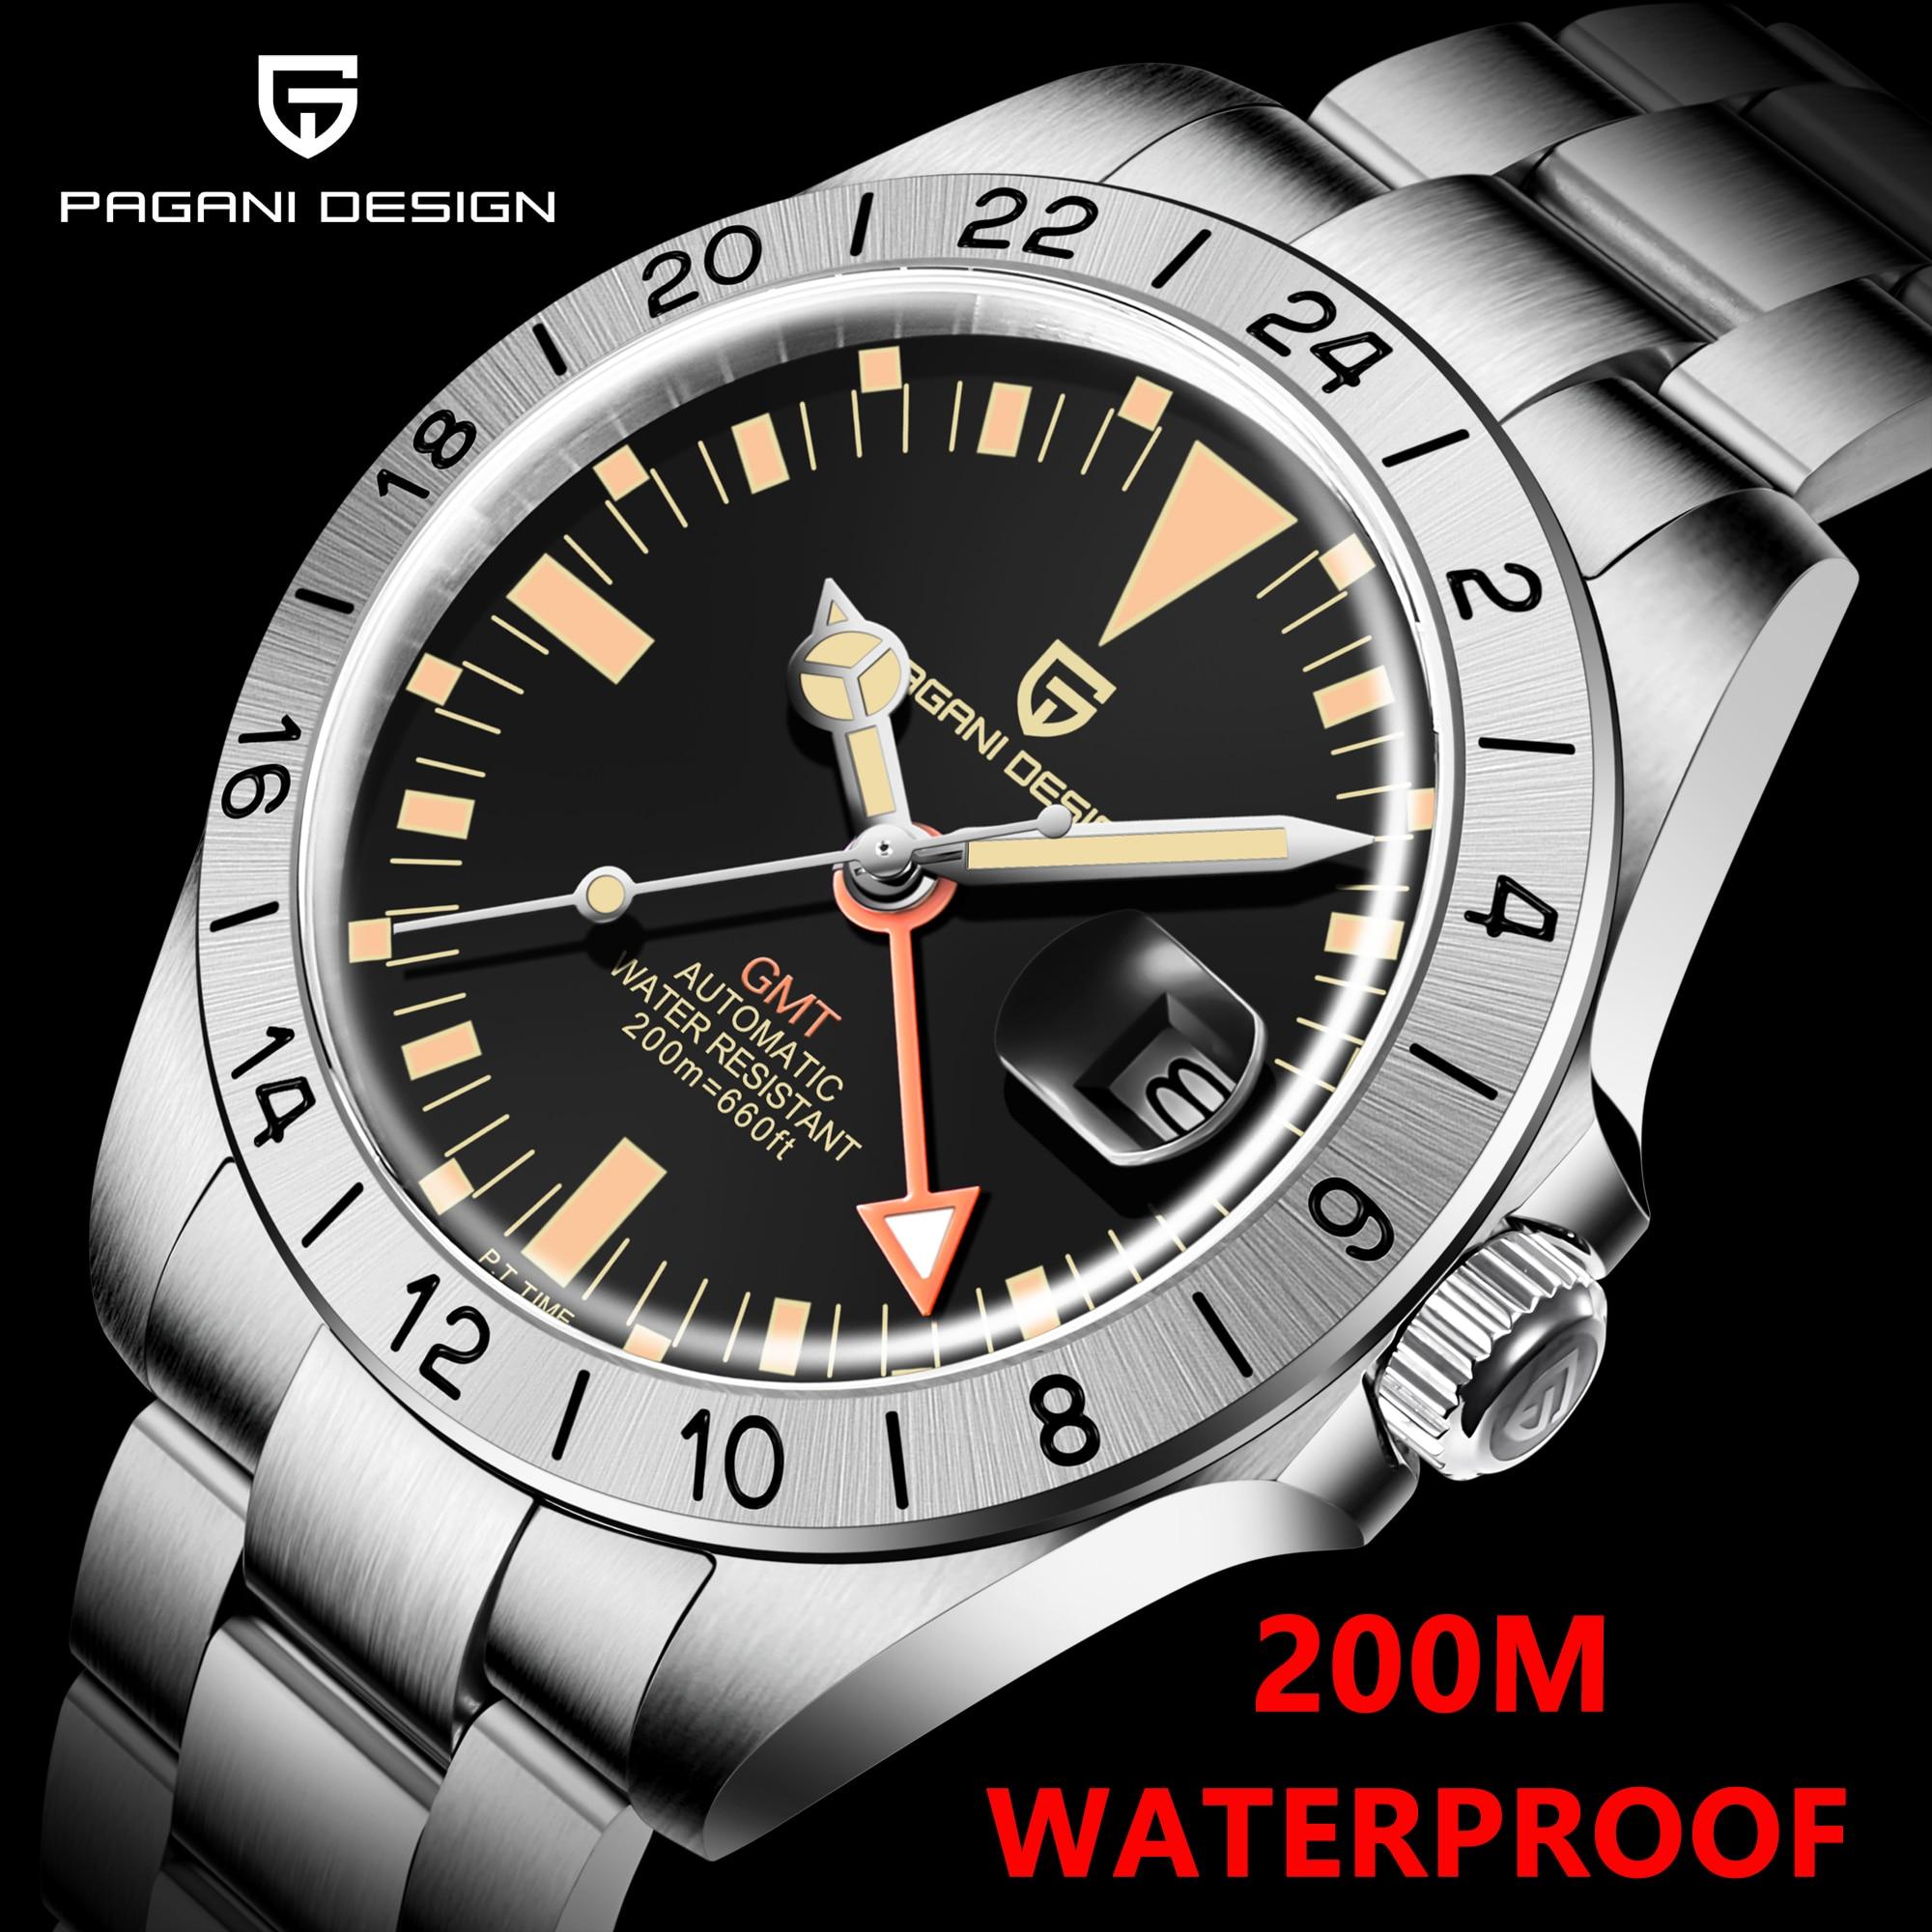 2021 جديد PAGANI تصميم الرجال الفاخرة التلقائي GMT ساعة ميكانيكية ريترو كلاسيكي للرجال 200 متر مقاوم للماء ساعة Relogio Masculino